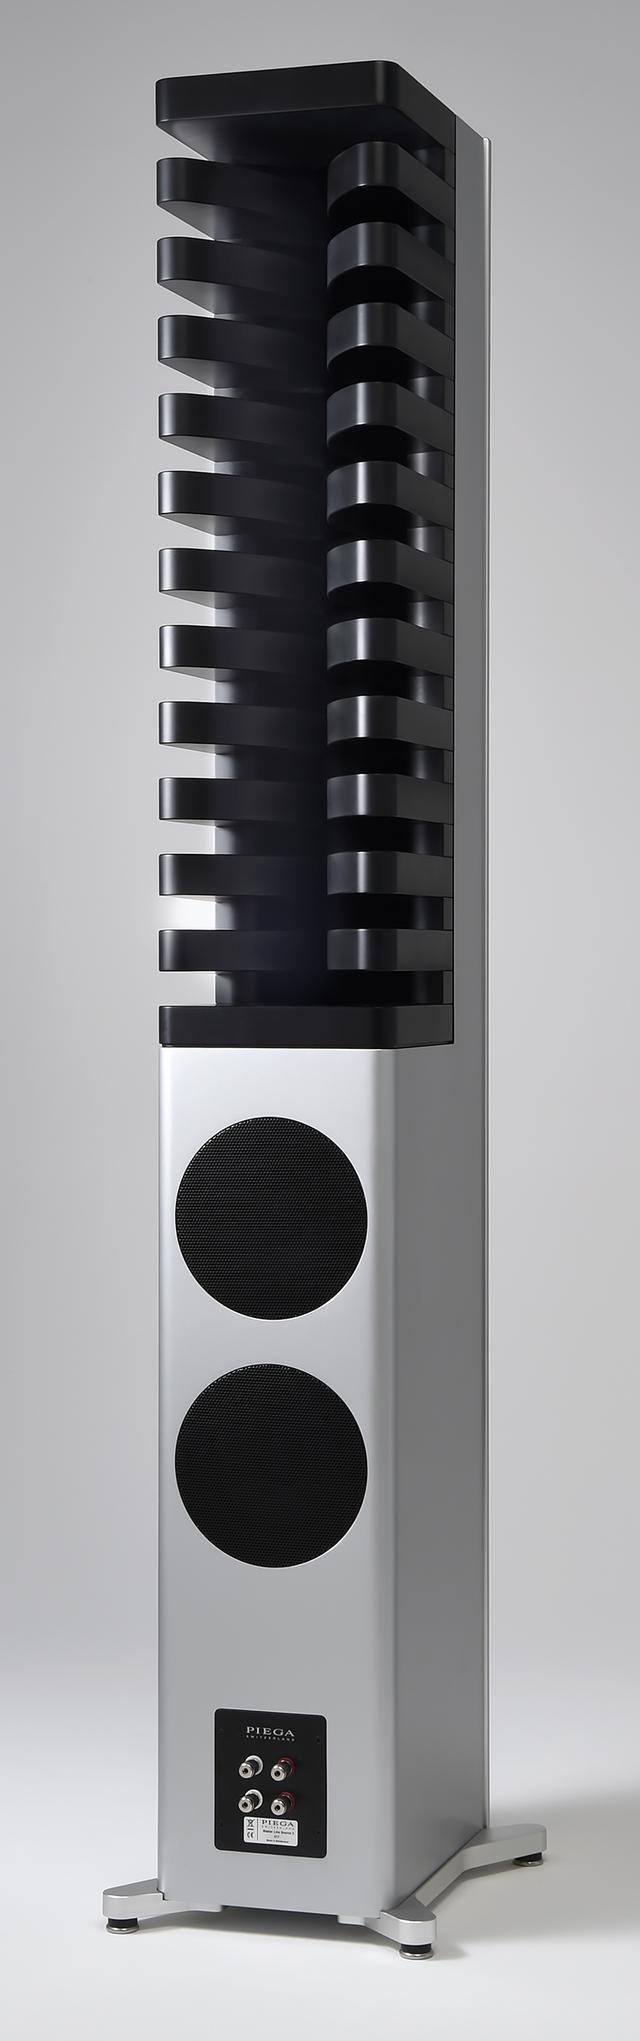 画像: 4基のリボン型ドライバーの背面に取り付けられた11段のMDF板(音響レンズ)により、音の拡散と後壁からの影響を少なくしている。チューニング用として、12個の専用スポンジも付属する。下部には、フロントの18cmウーファーと同口径のパッシブラジエーター2基を用意。スピーカー端子はバイワイヤリング対応で、Master Line Source 2にあった高域と中域の調整用トグルスイッチは廃された